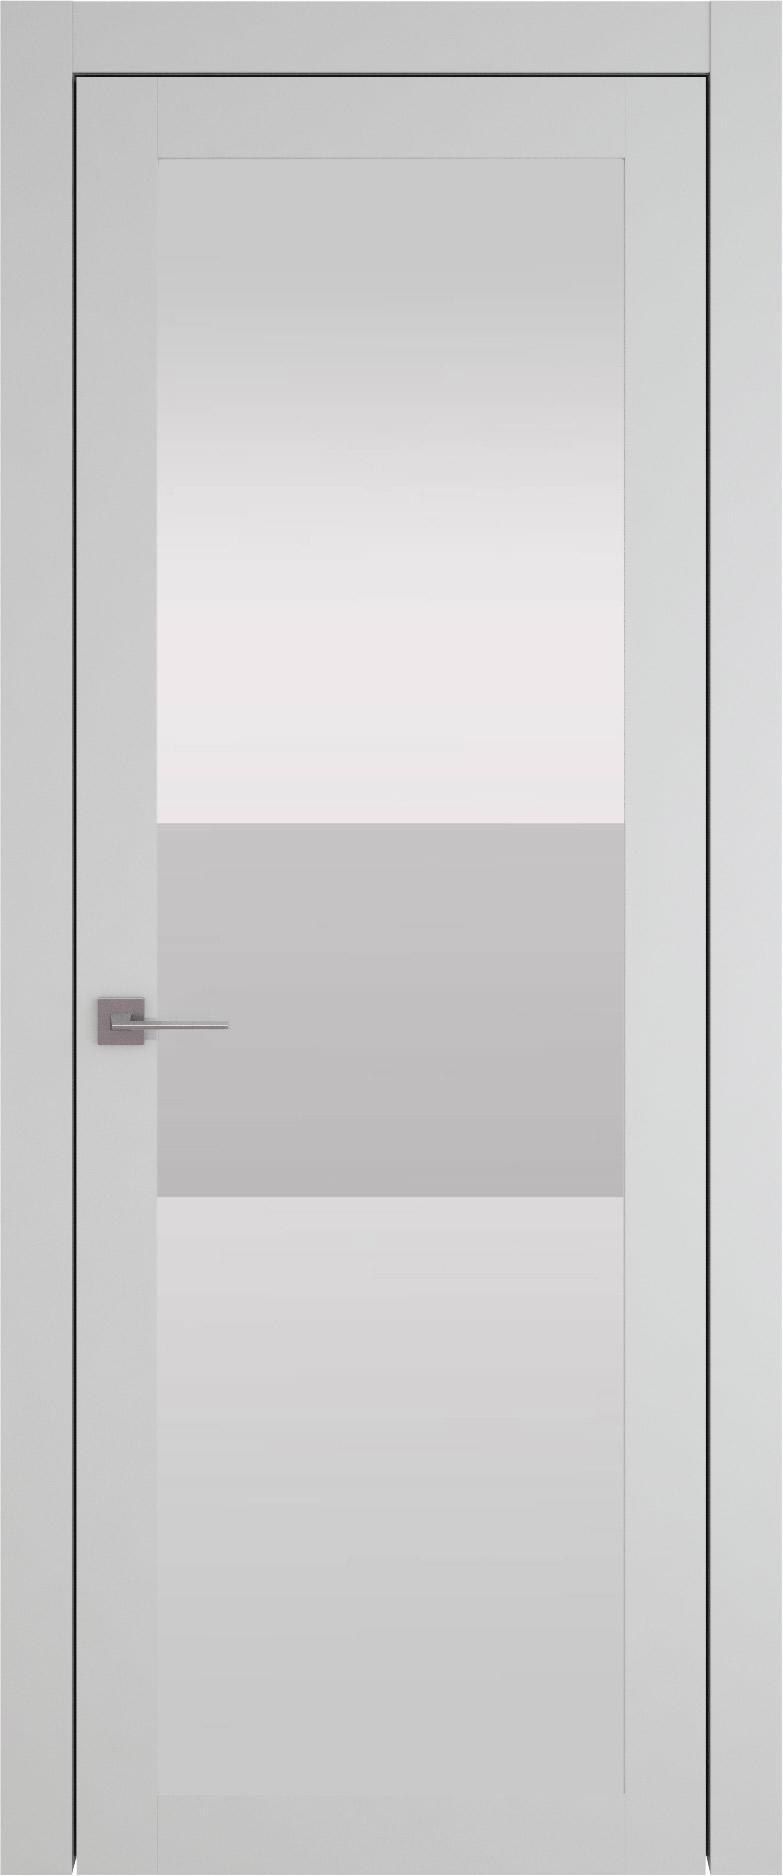 Tivoli З-4 цвет - Серая эмаль (RAL 7047) Со стеклом (ДО)